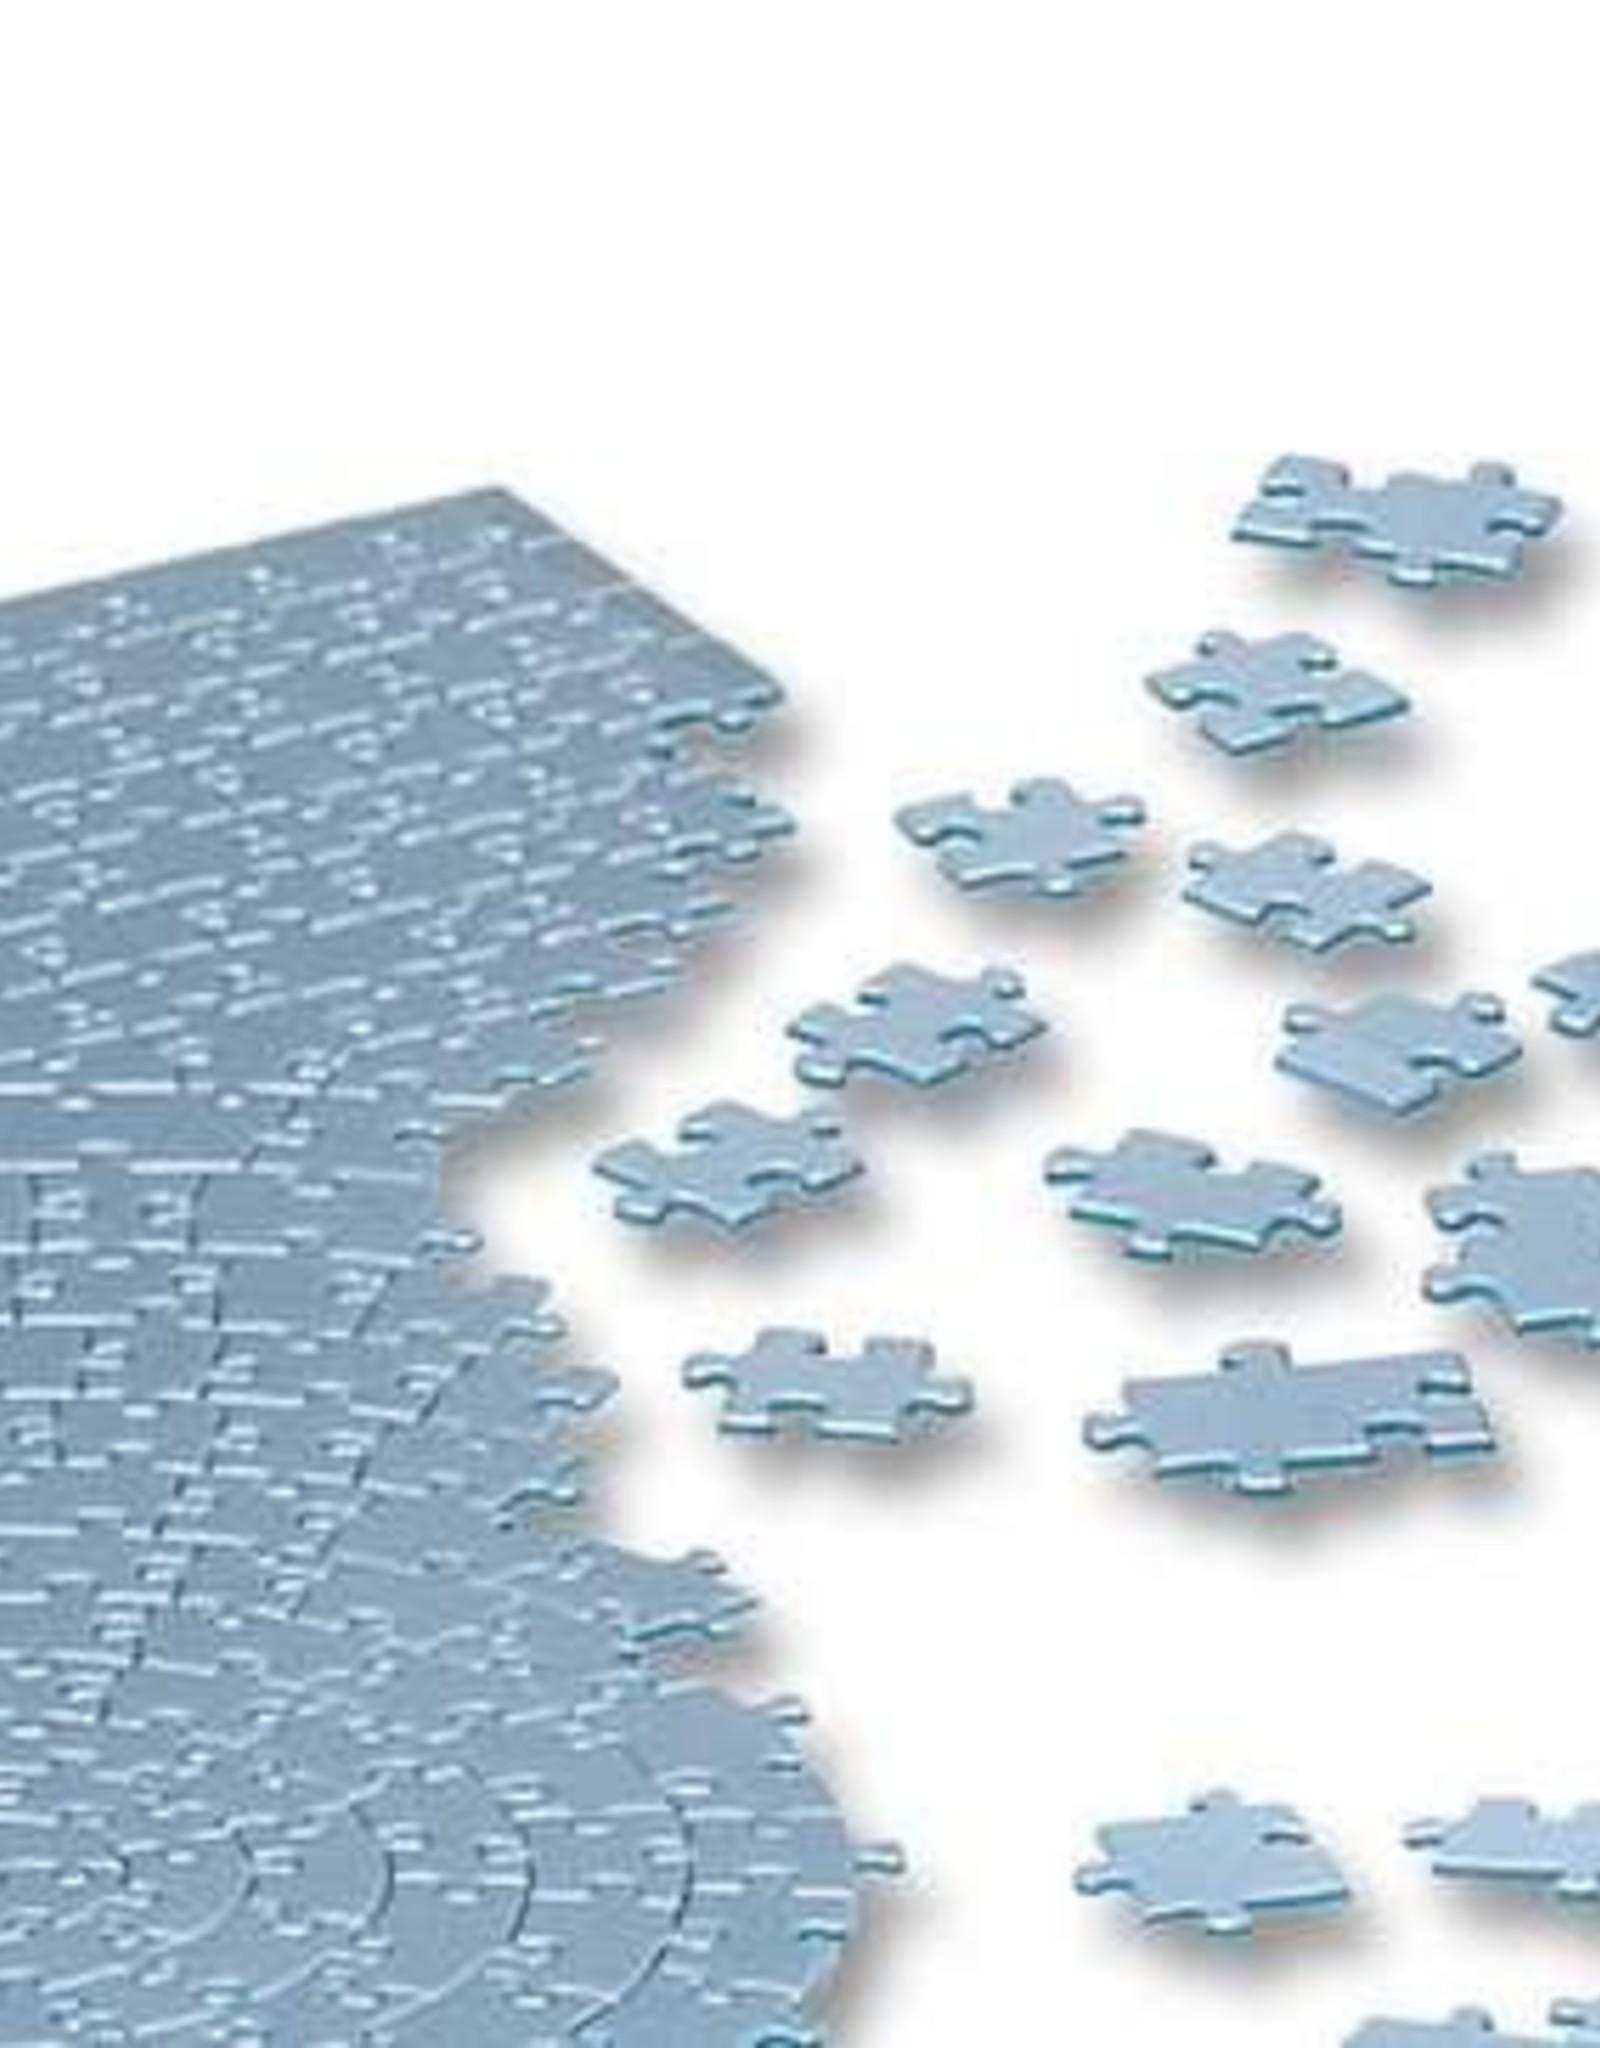 Ravensburger Puzzle 650 Piece: Krypt Silver